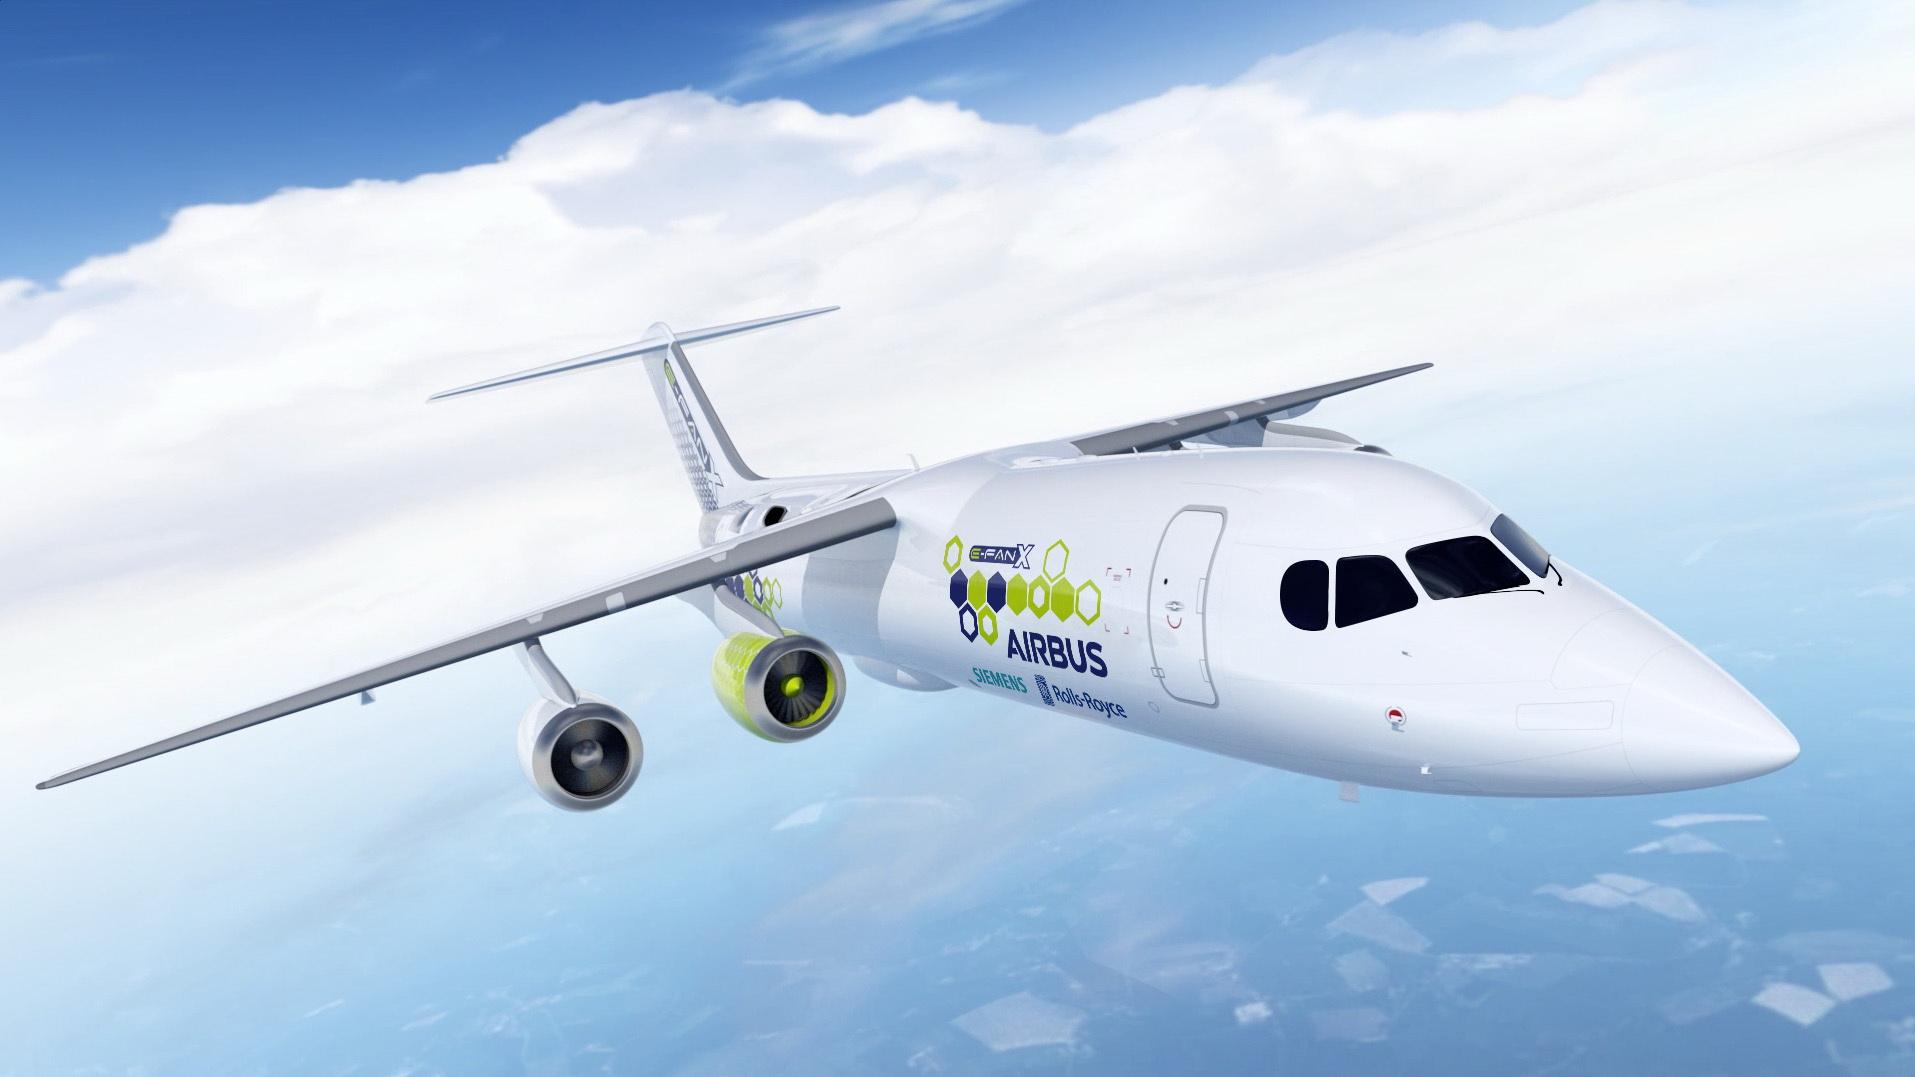 eFan-X -lentokone, missä on yksi sähkömoottori ja kolme perinteistä suihkumoottoria